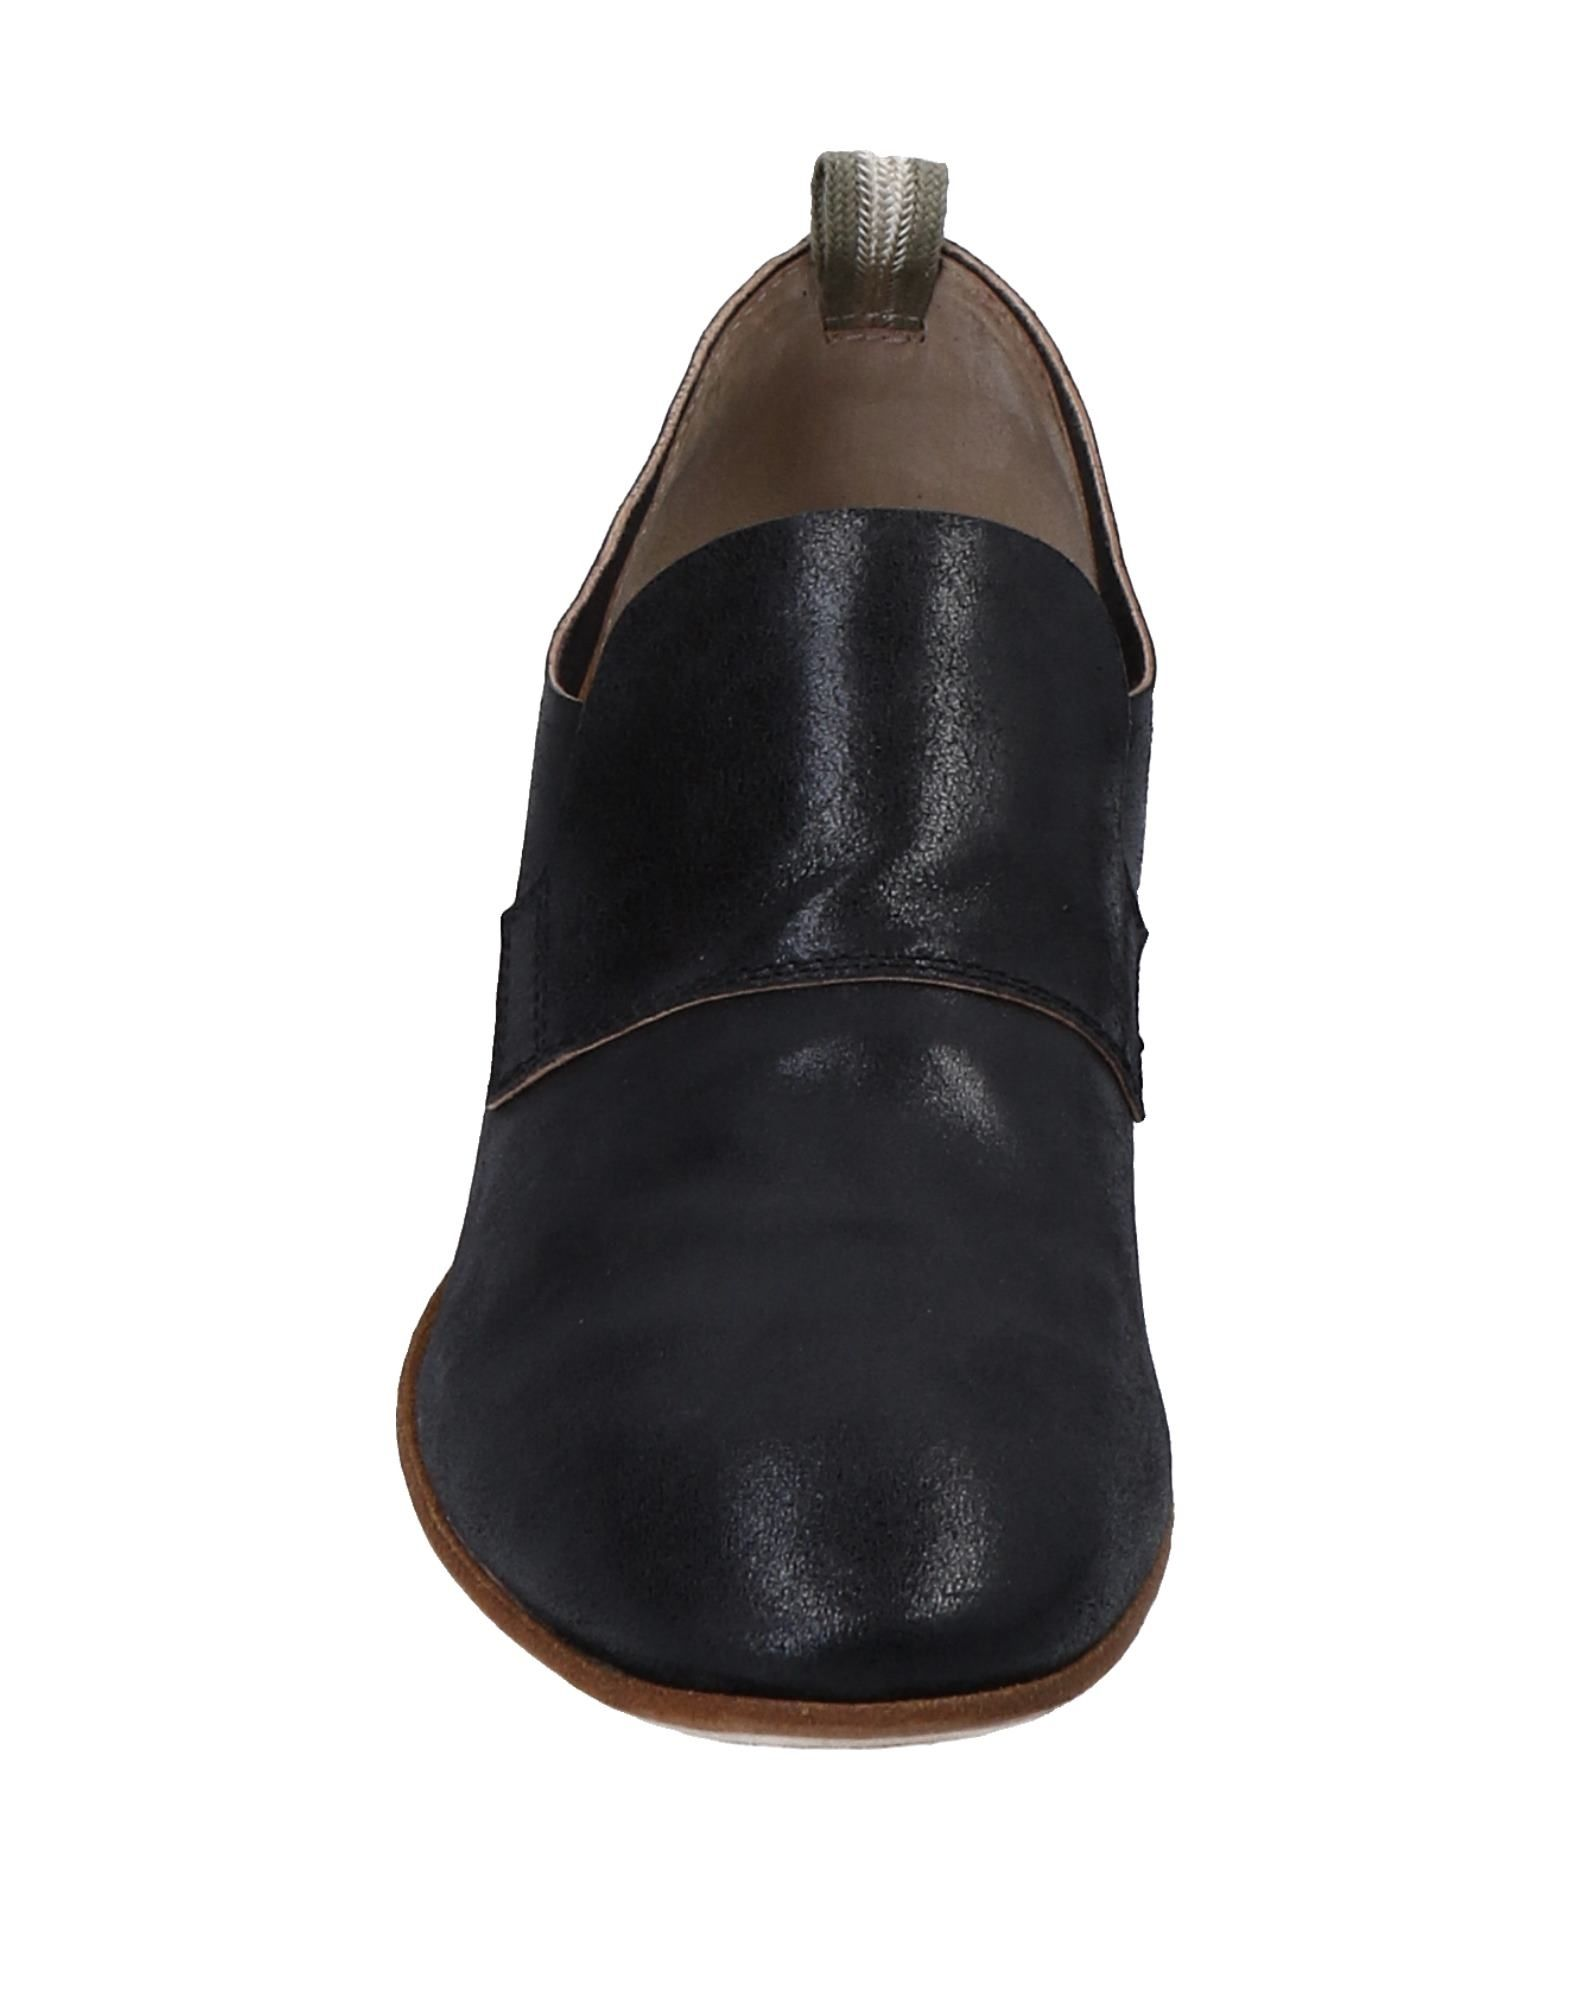 Rabatt Schuhe Damen Officine Creative Italia Mokassins Damen Schuhe  11551334RH 177e1e